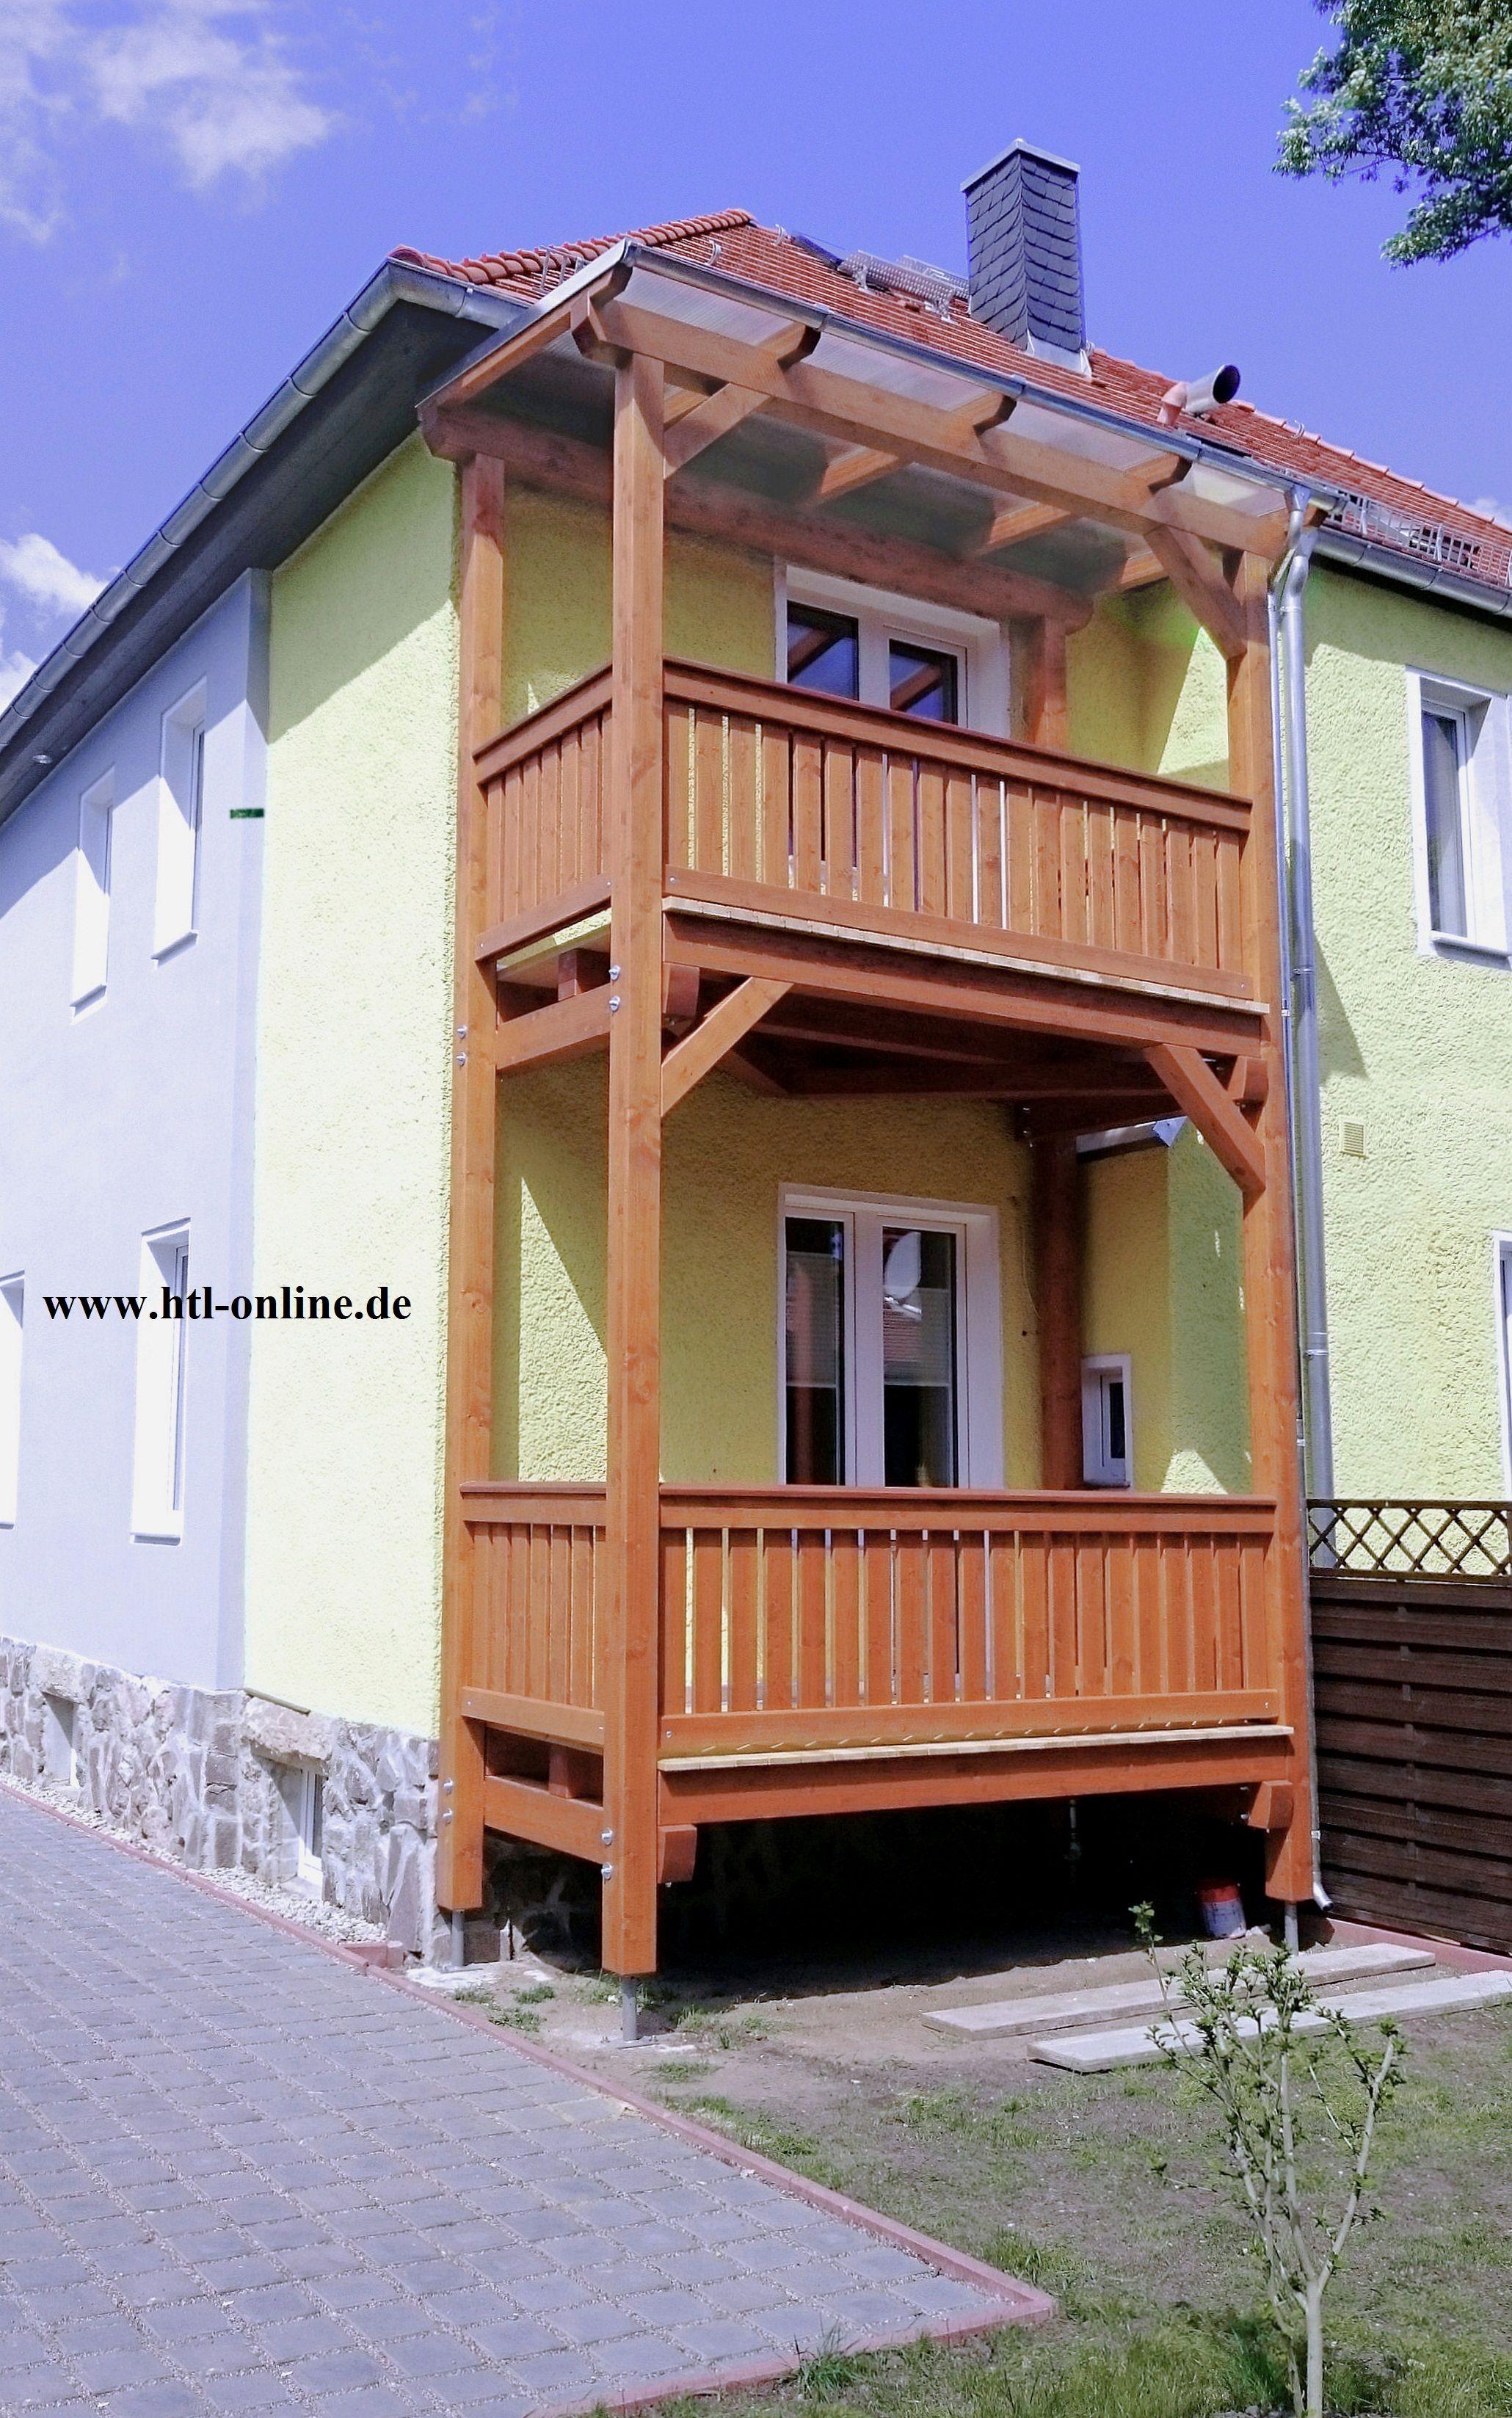 Mehrstockiger Balkon Aus Holz Htl Holztechnik Holz Arbeit Mit